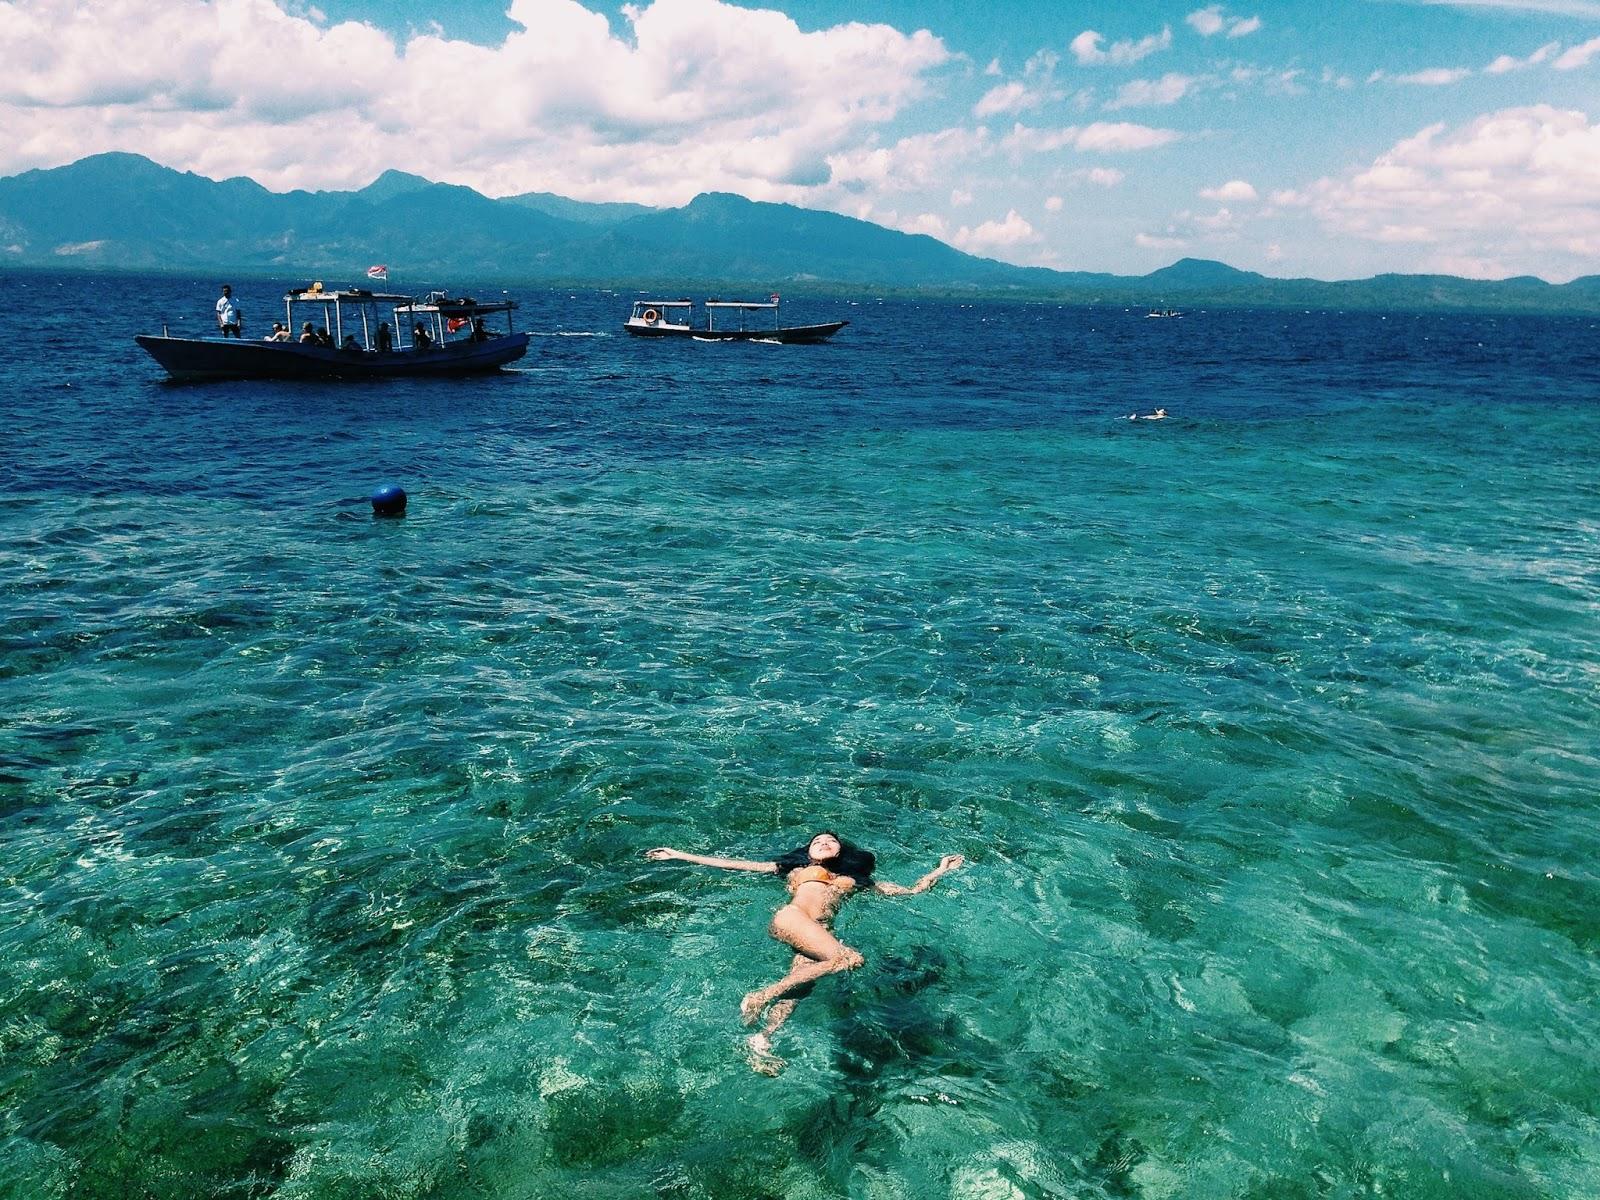 Maria and Elizabeth: ROAD TRIP: MENJANGAN ISLAND